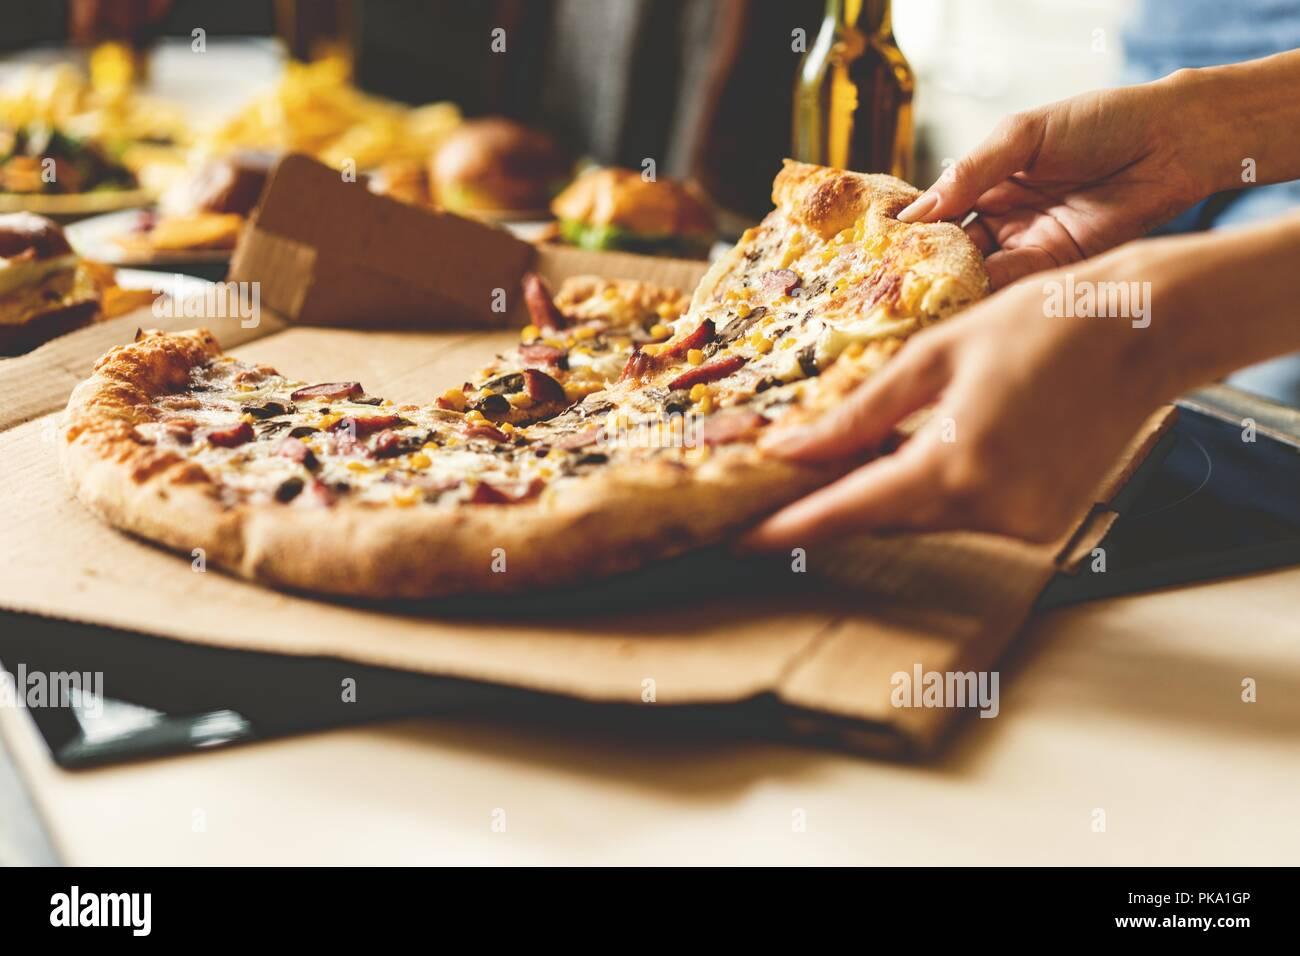 Amici prendendo fette di pizza gustosa dalla piastra, vista ravvicinata. Immagini Stock